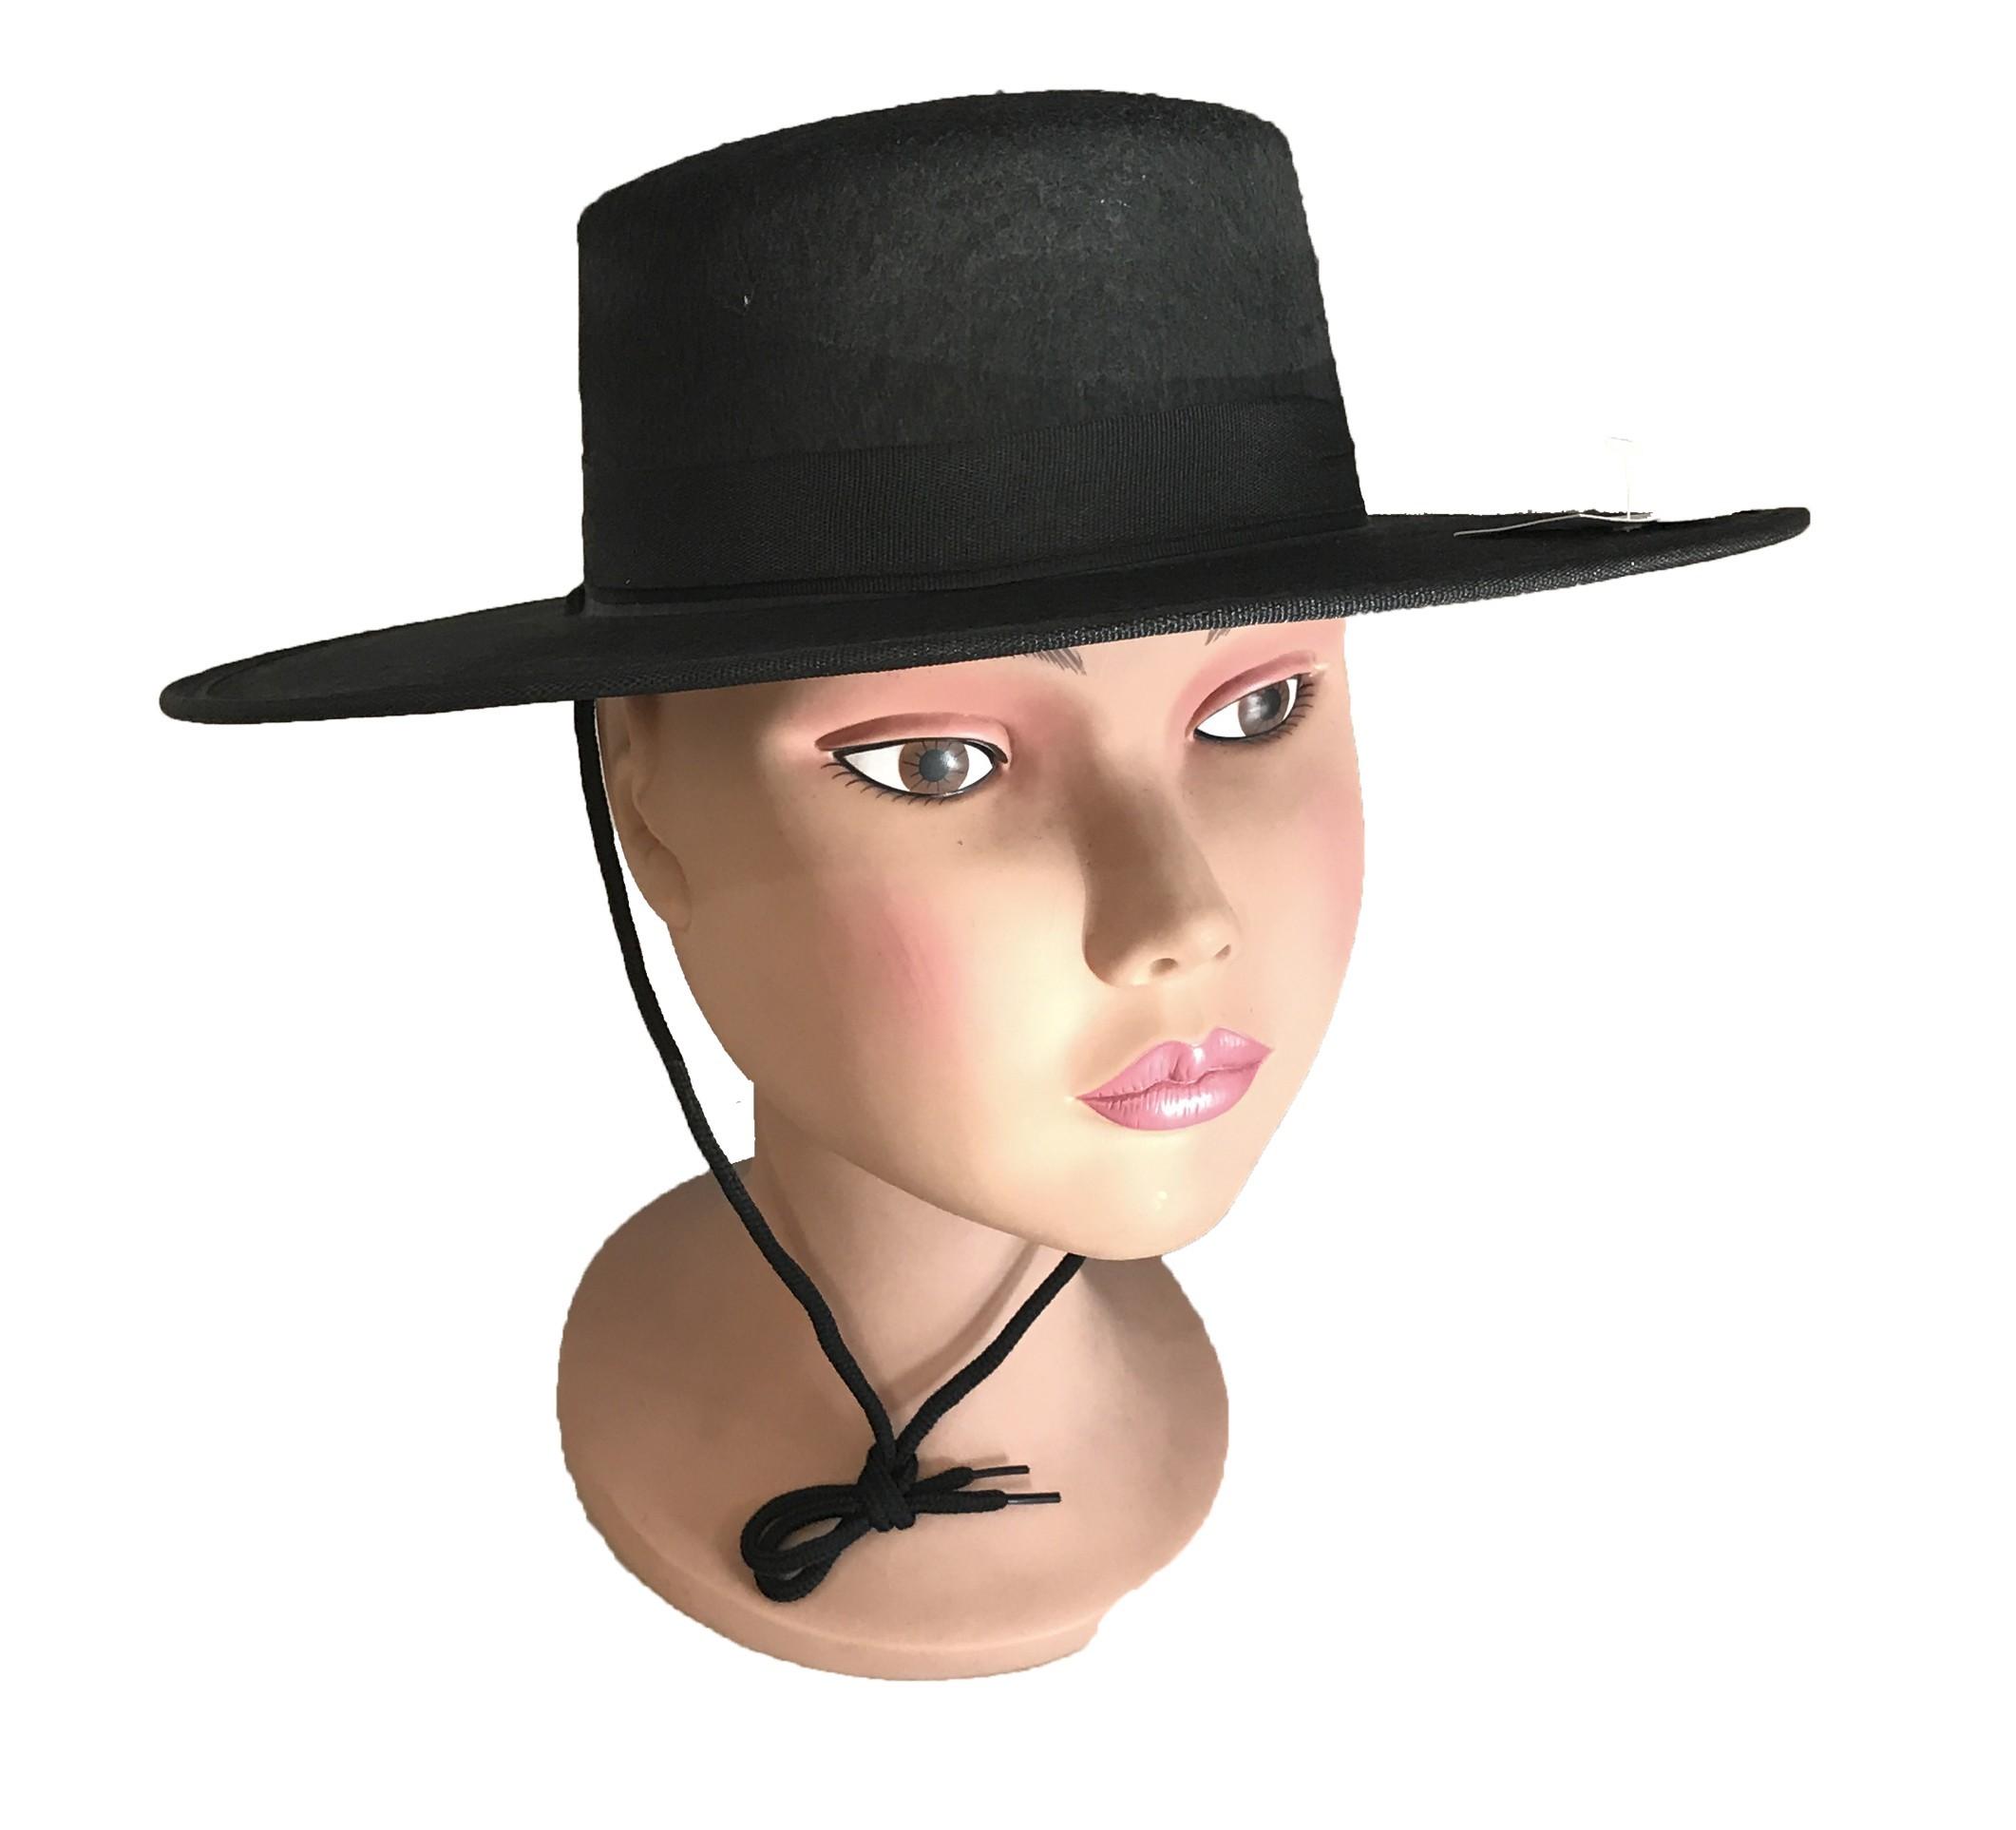 6717fd97a541 Sombrero Cordobes negro pequeño - Artículos Fiesta y Regalos Murillo ...